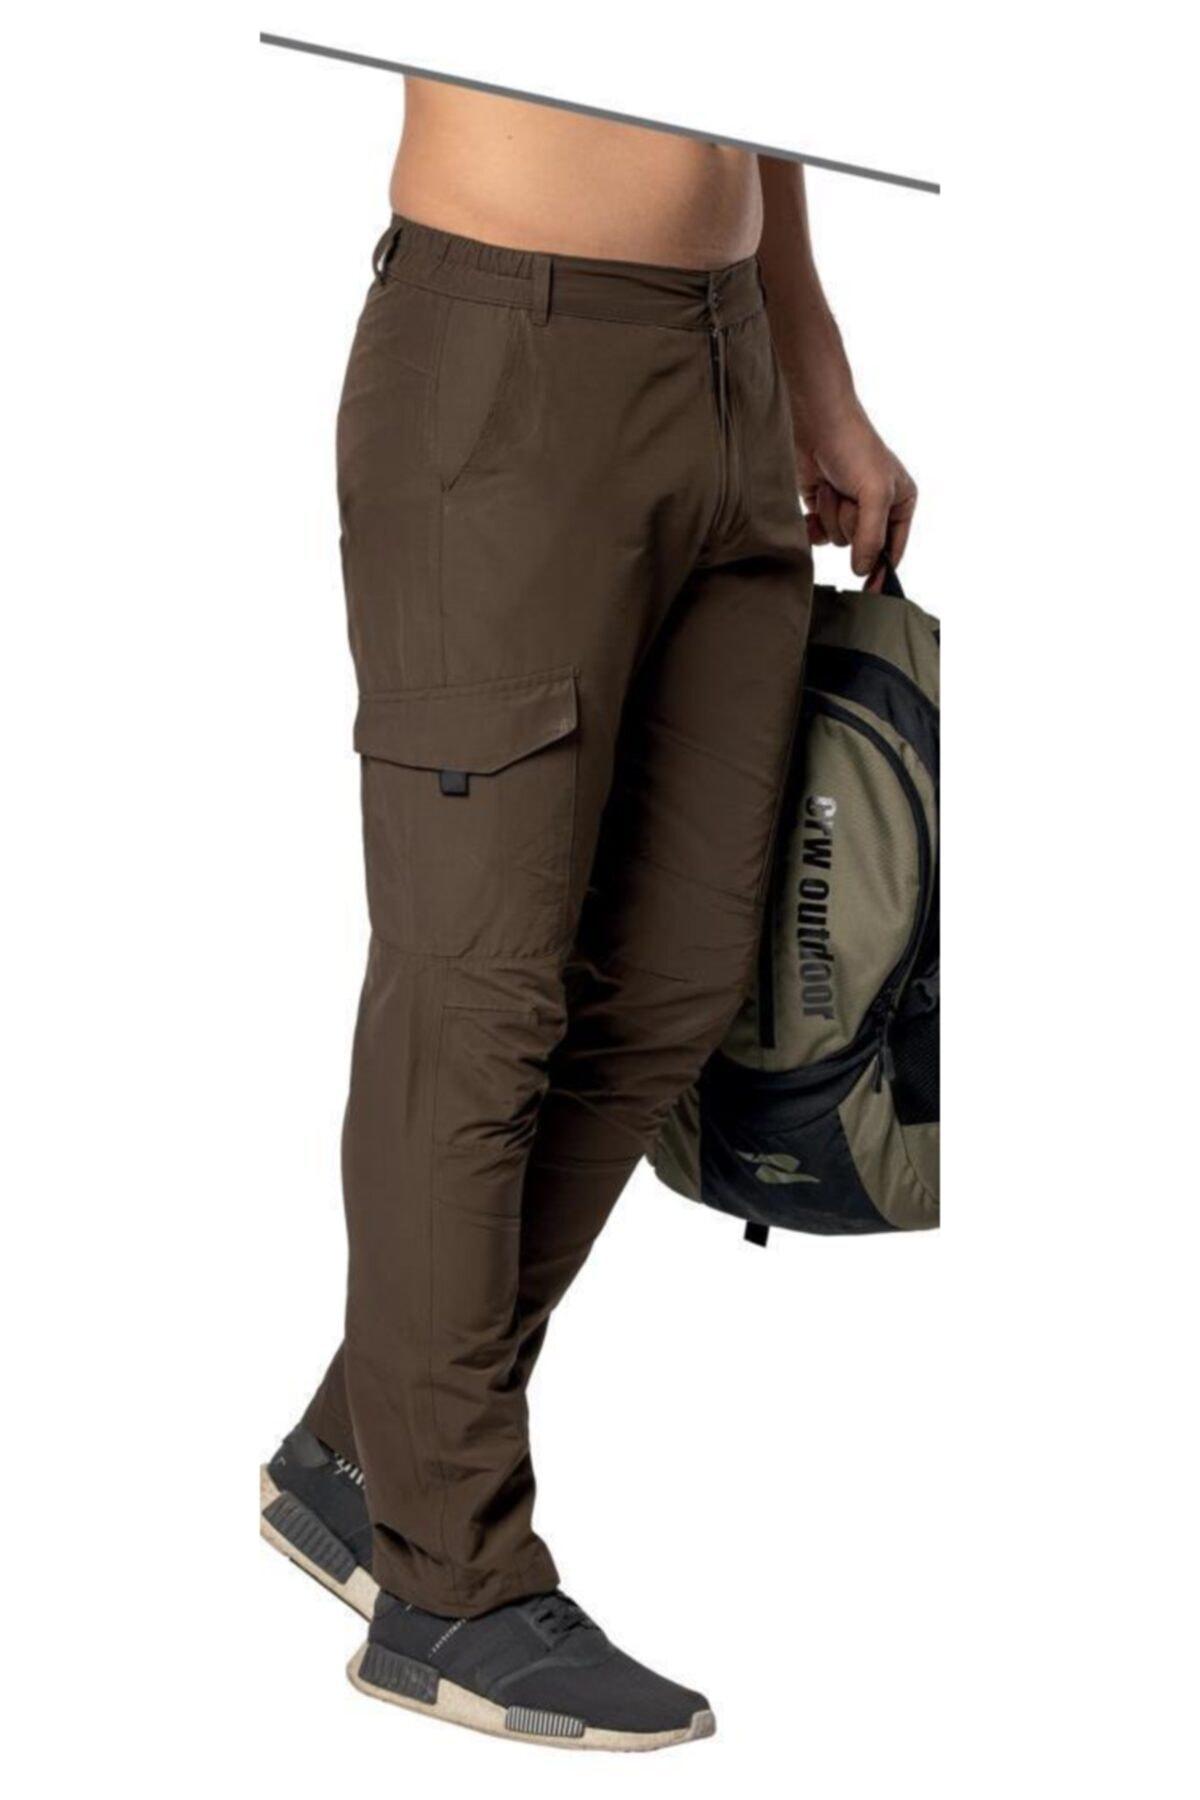 Crozwise Outdoor Erkek Pantolon Yeni Sezon Yazlık Pantolon 1